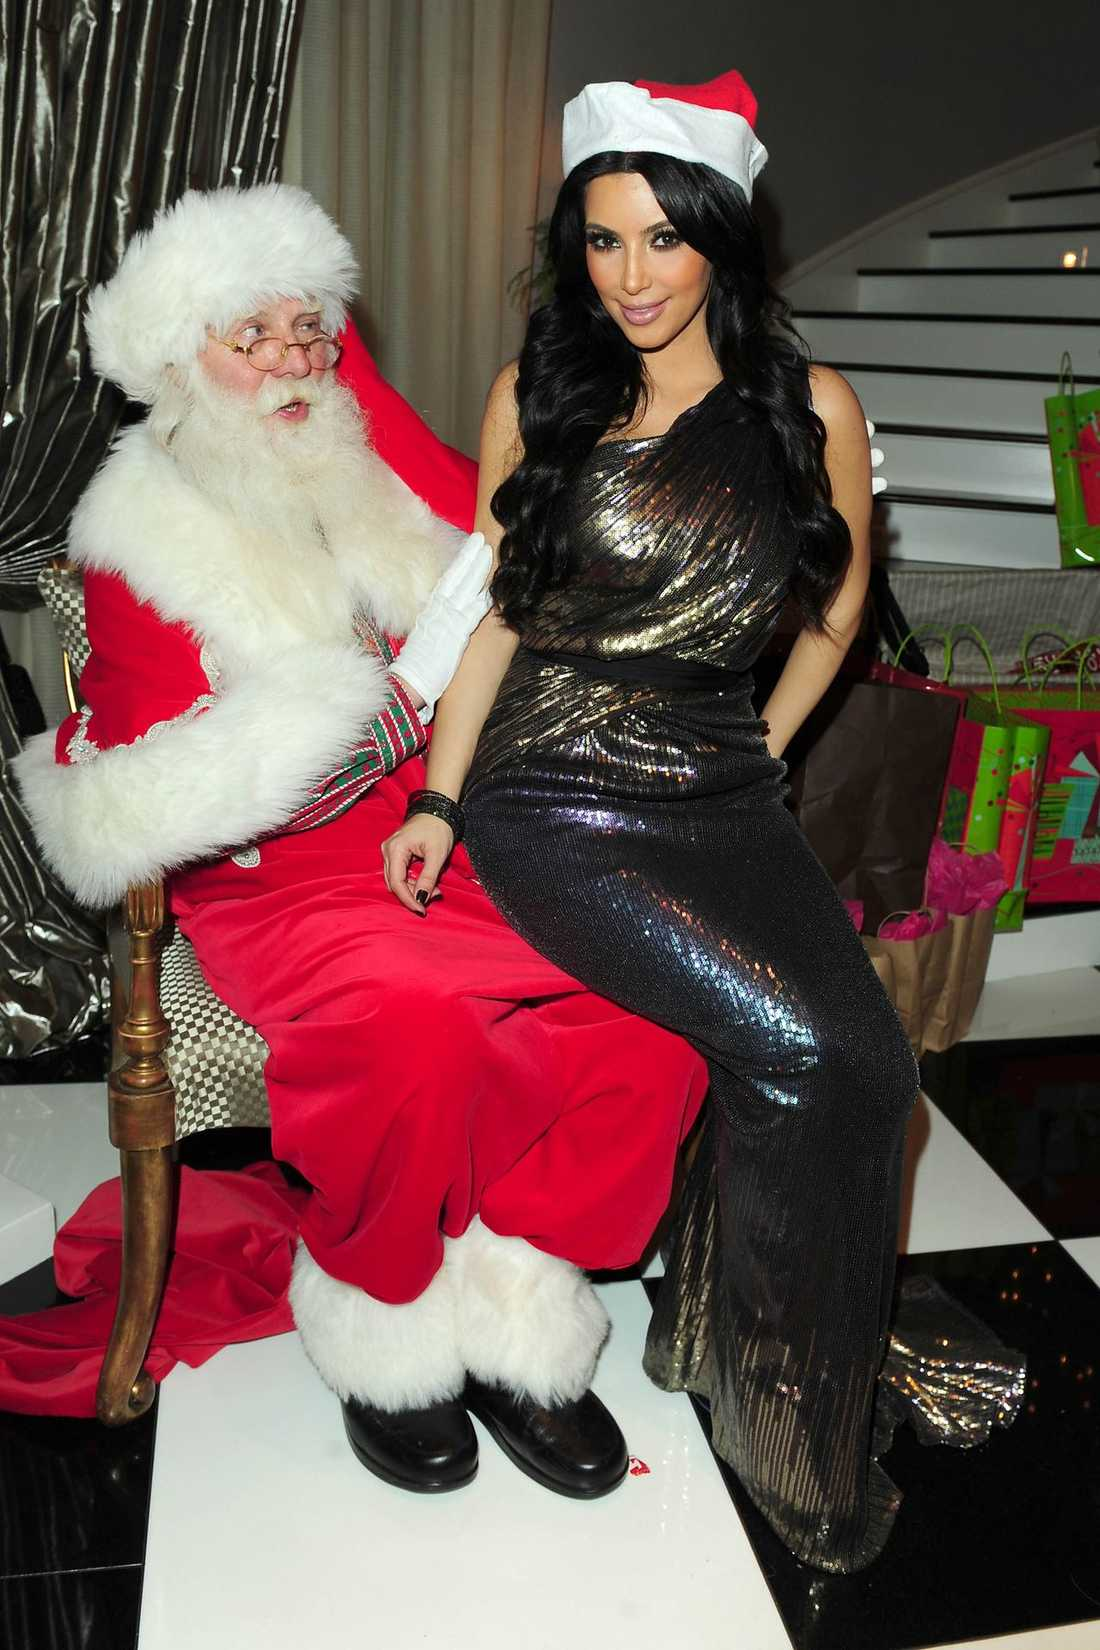 GILLAR TOMTEN Det är inte bara barnen som vill sitta i tomtens knä utan även Kim Kardashian.